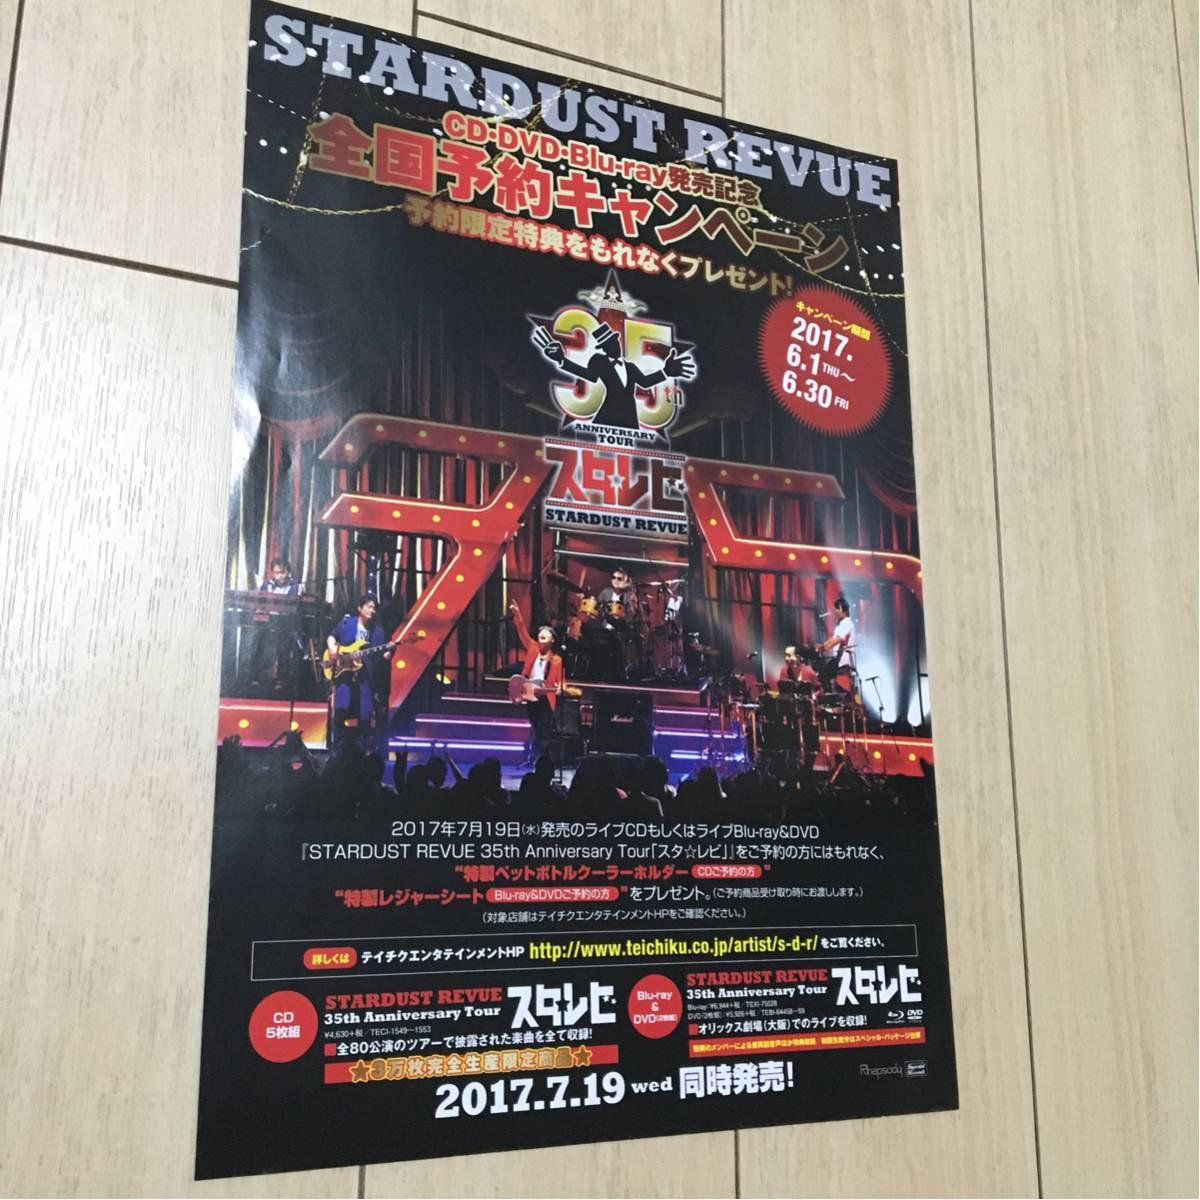 スターダスト・レビュー stardust revue 告知 チラシ 2017 cd dvd blu-ray 発売記念 全国予約 キャンペーン